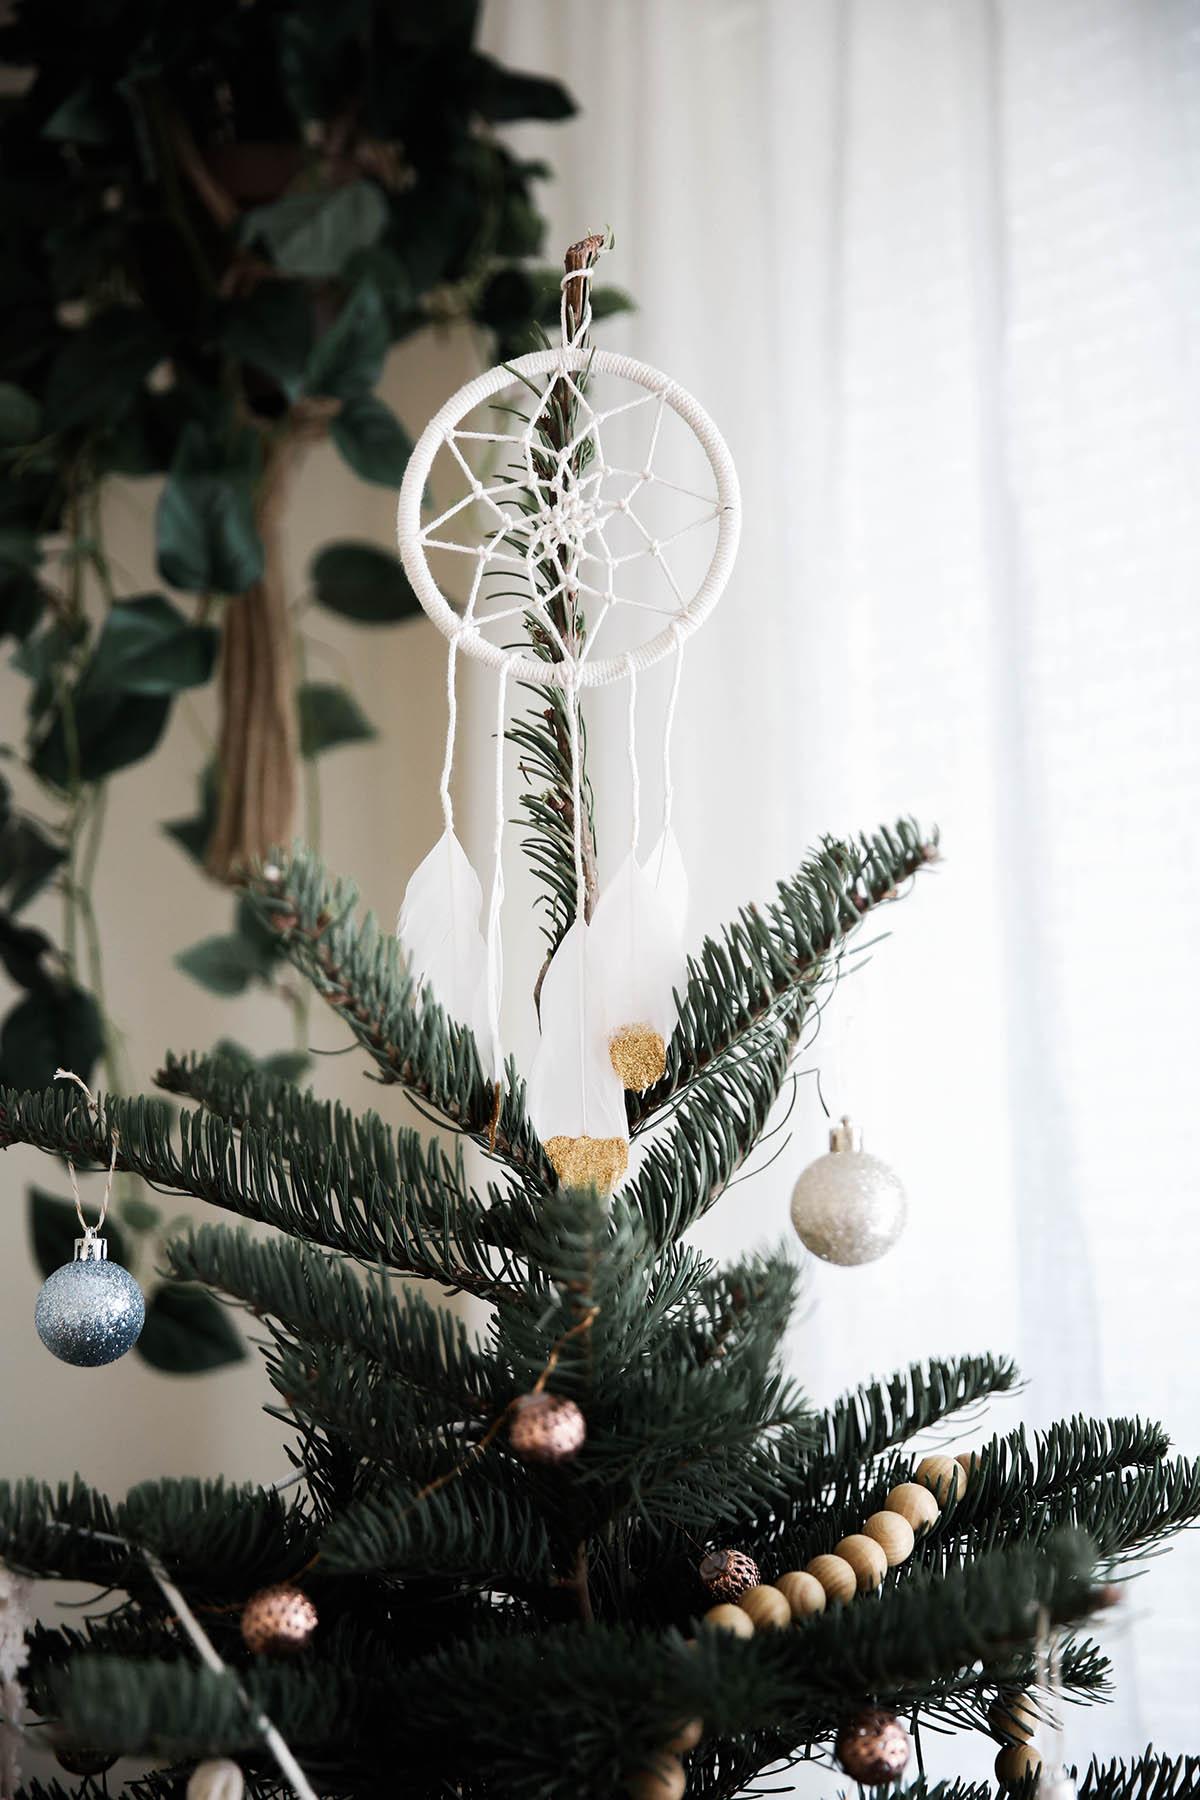 Sapin De Noel Decoration Traditionnelle des idées de décoration bohème pour noël! - cactus & béton